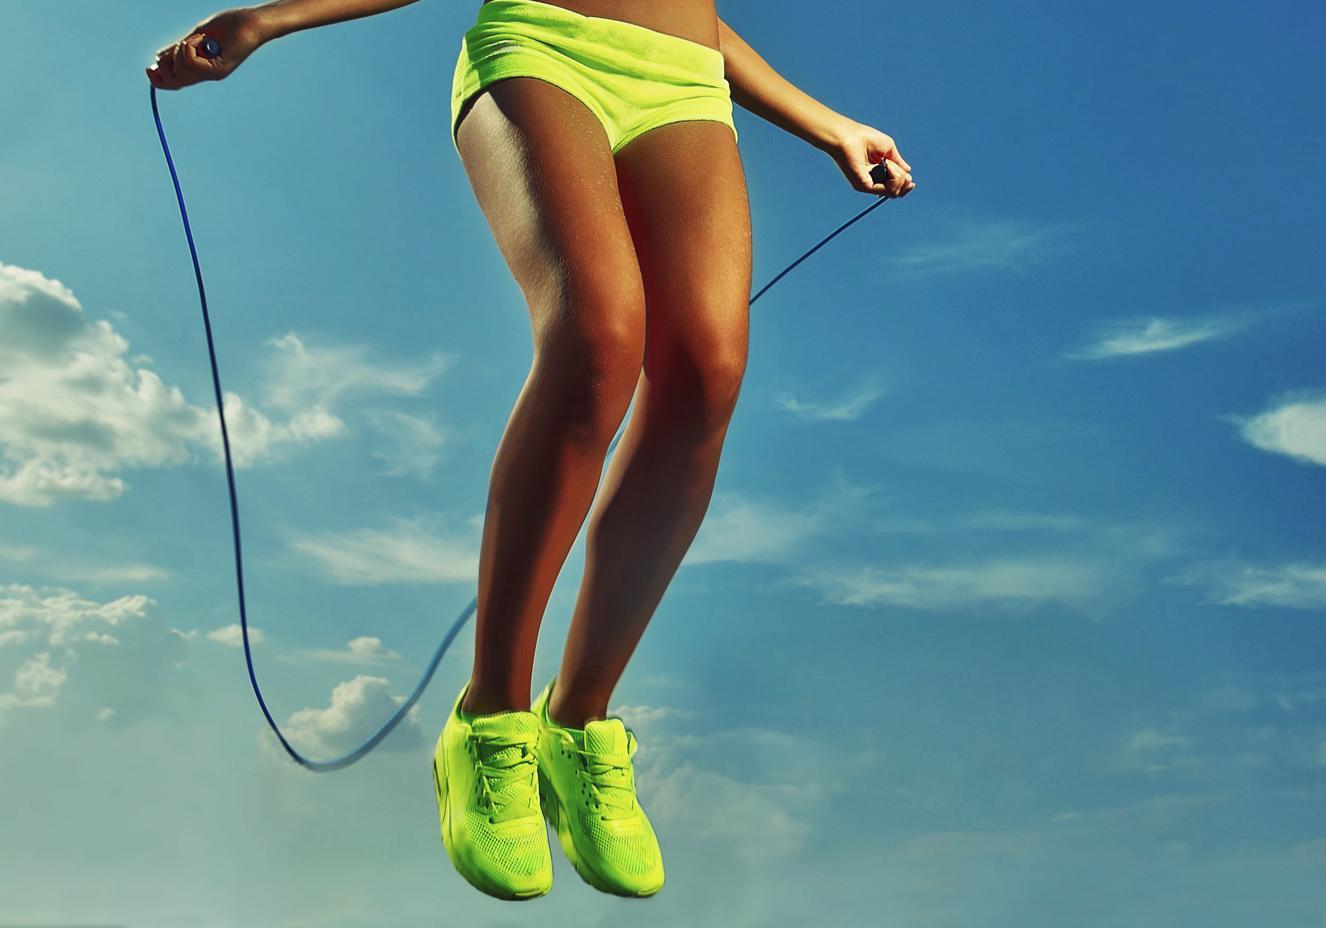 Perca Peso Mais Rápido e Reforce Sua Saúde Pulando Corda